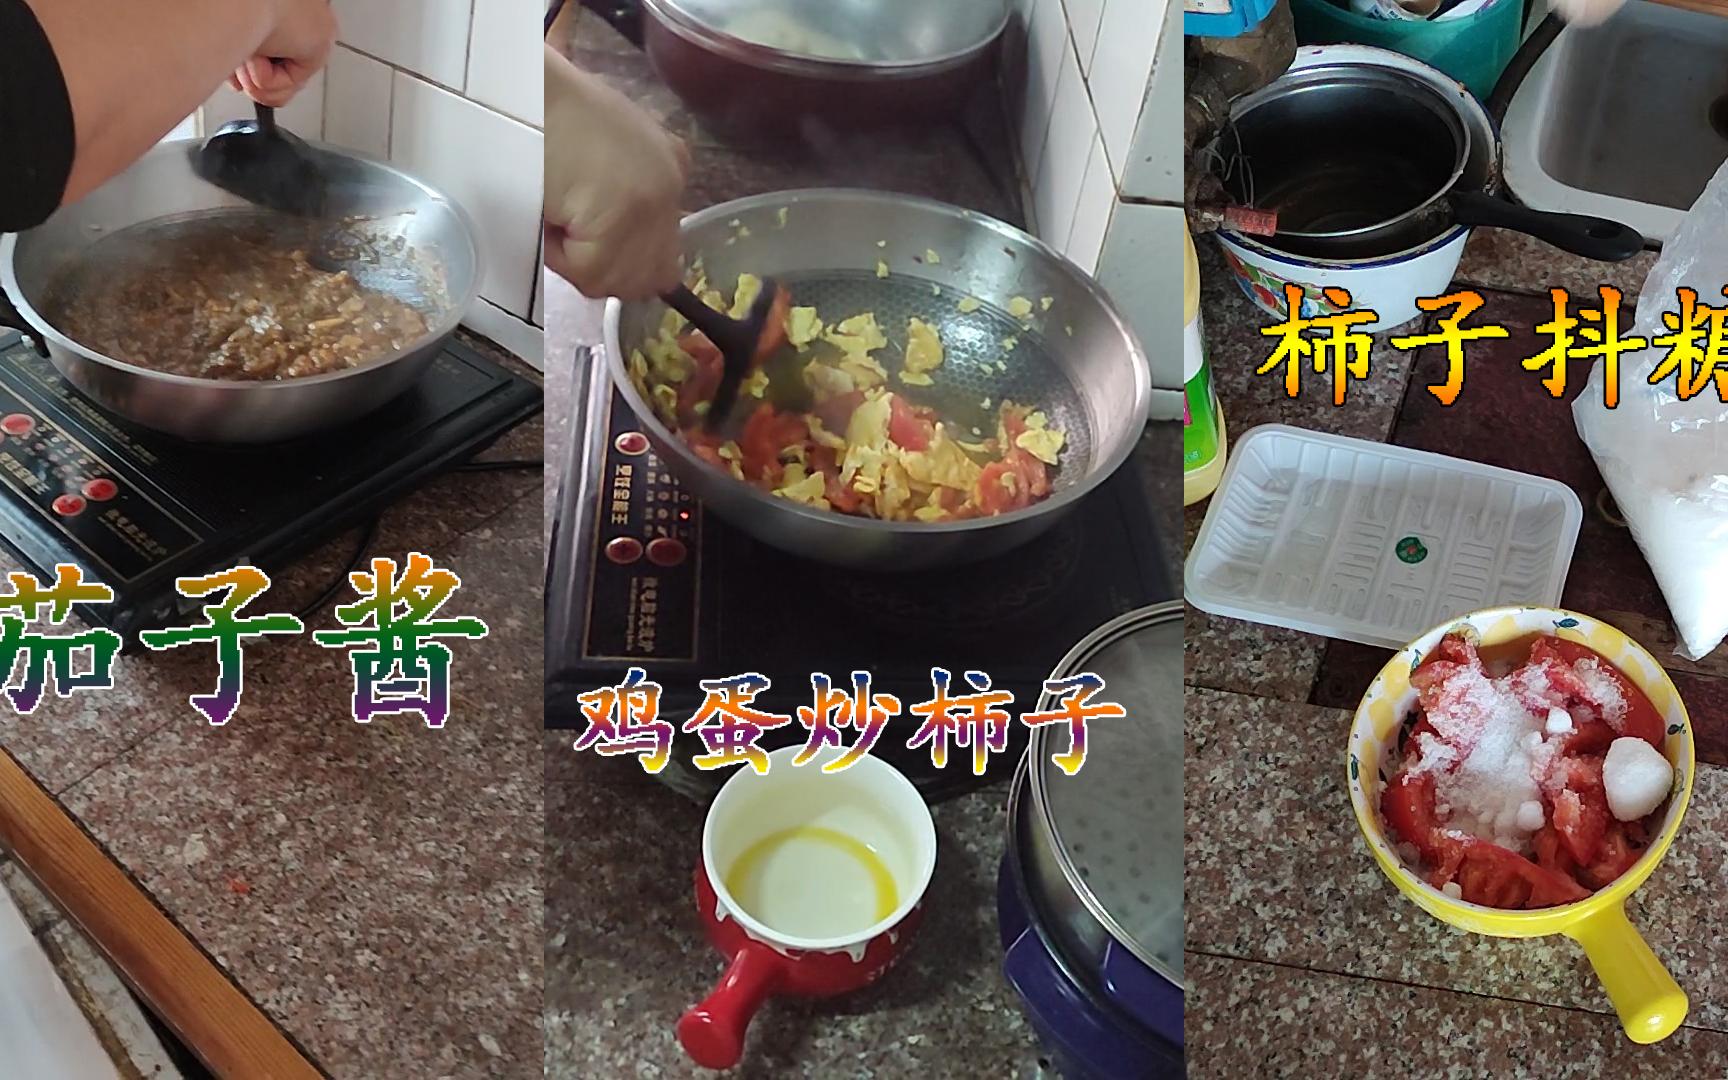 脑瘫小豪晚饭做的是鸡蛋炒柿子,第二天中午妈妈做的茄子酱